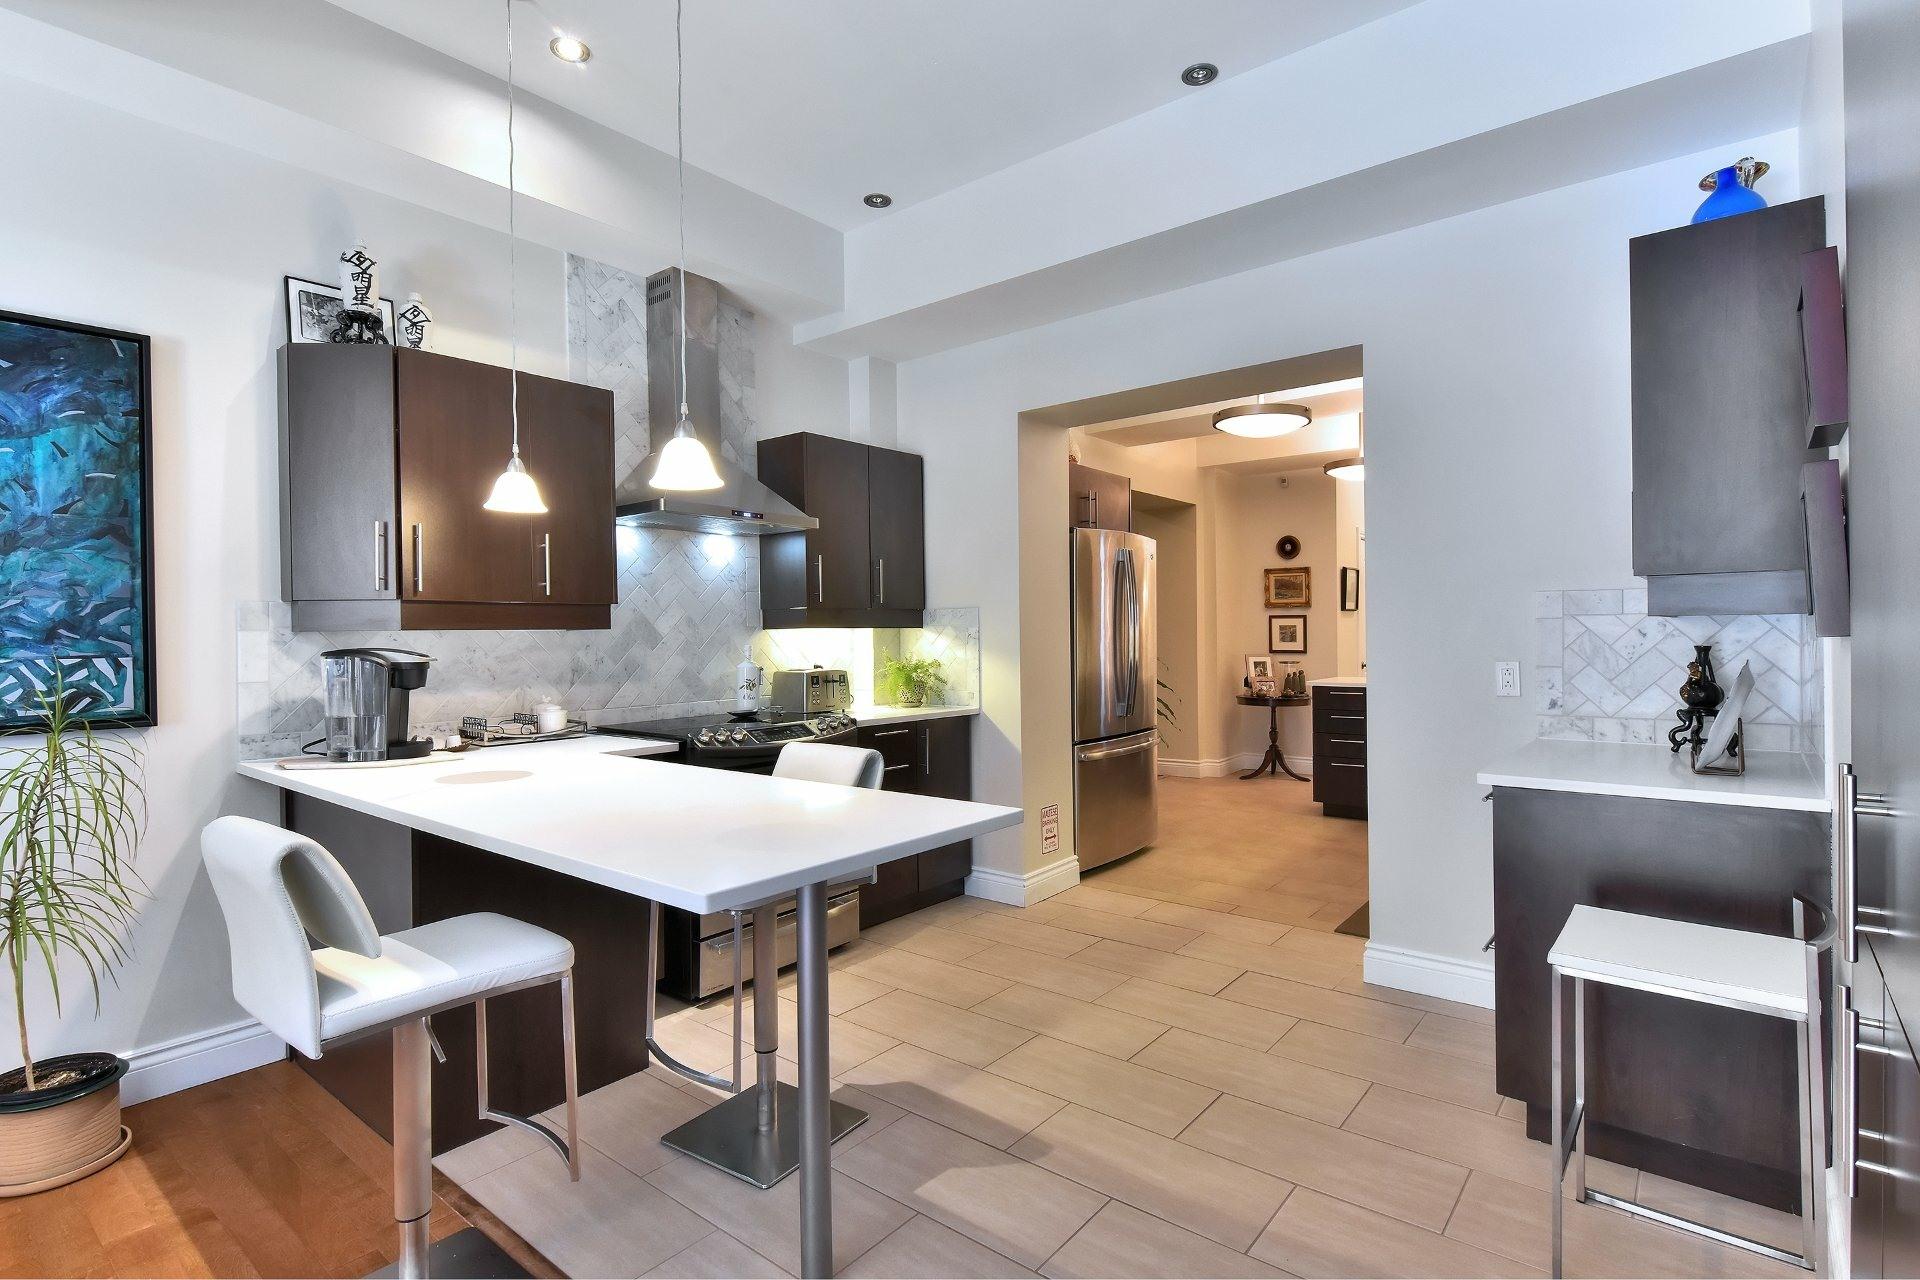 image 9 - Appartement À vendre Montréal Côte-des-Neiges/Notre-Dame-de-Grâce  - 5 pièces